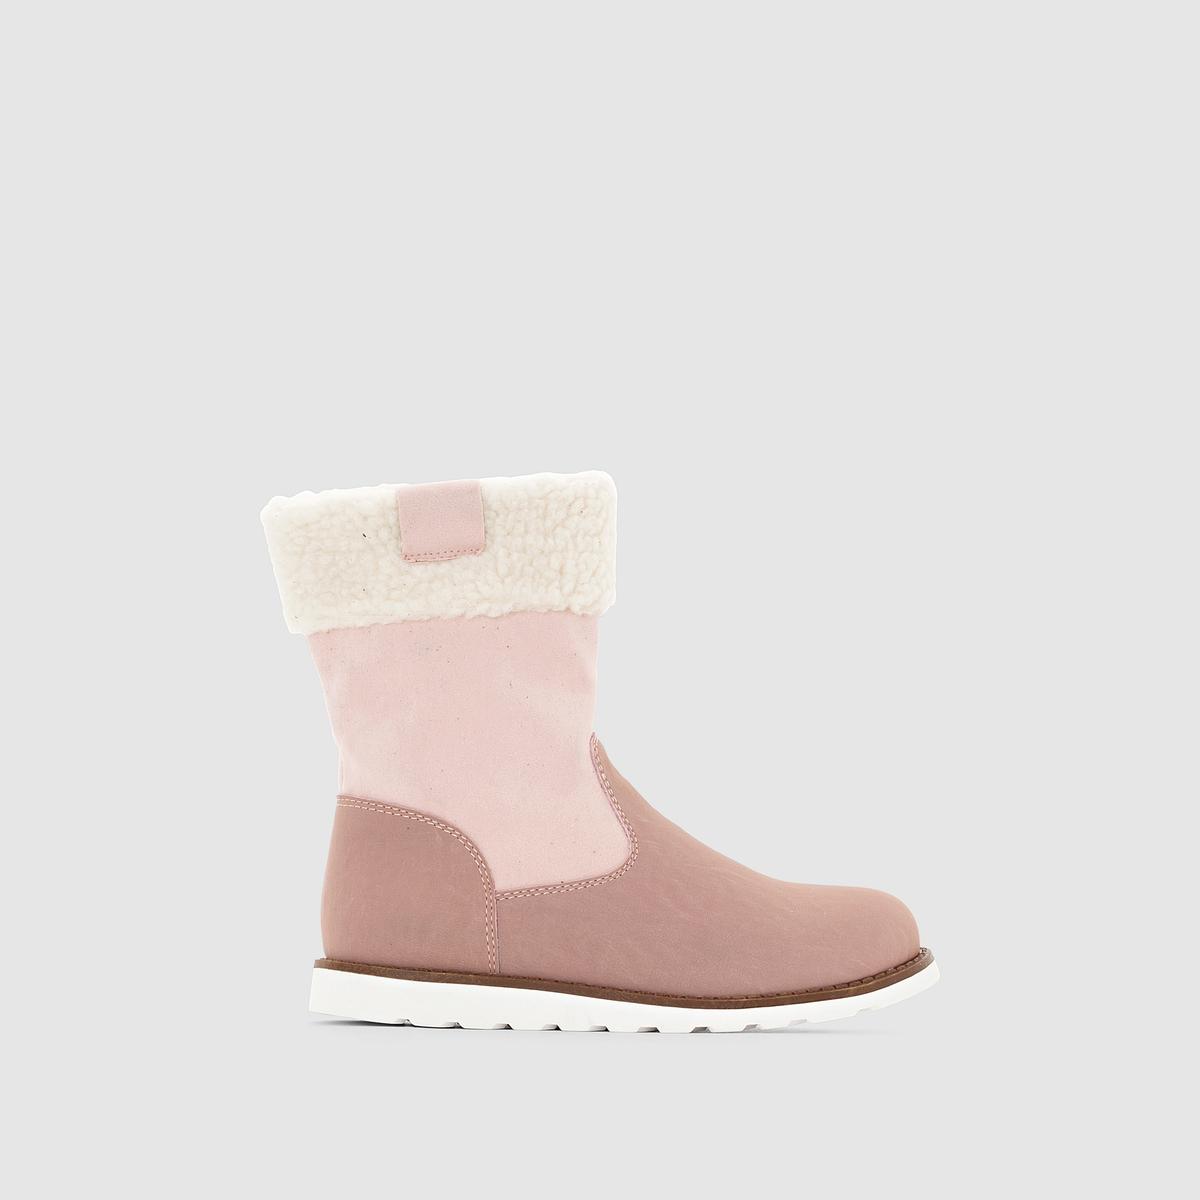 Ботильоны на меховой подкладкеСтильные ботильоны на меховой подкладке, красивое сочетание цветов, отворот из искусственного меха, теплые и идеальные для защиты ног!<br><br>Цвет: розовый